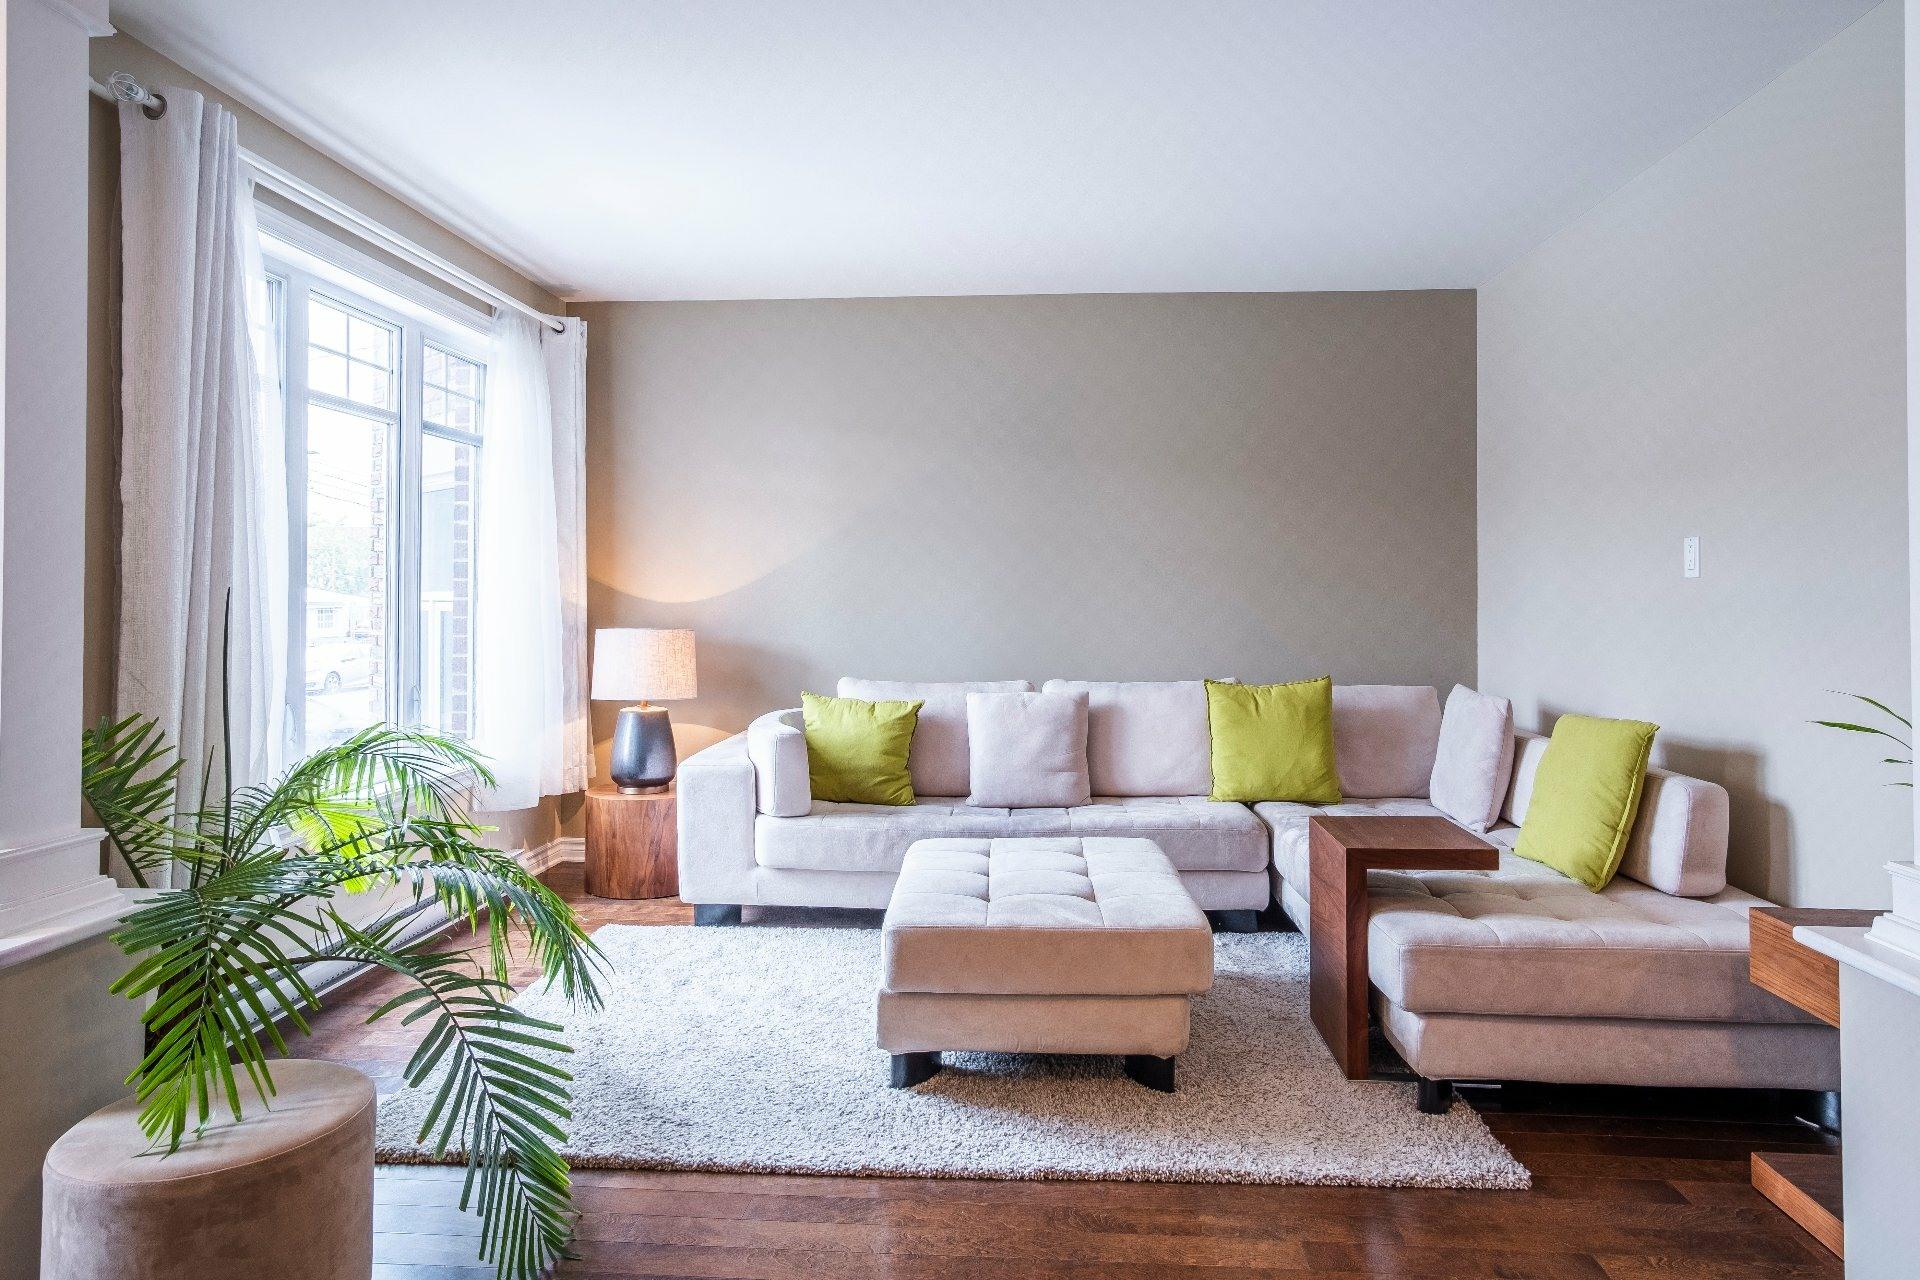 image 6 - Appartement À vendre Lachine Montréal  - 9 pièces